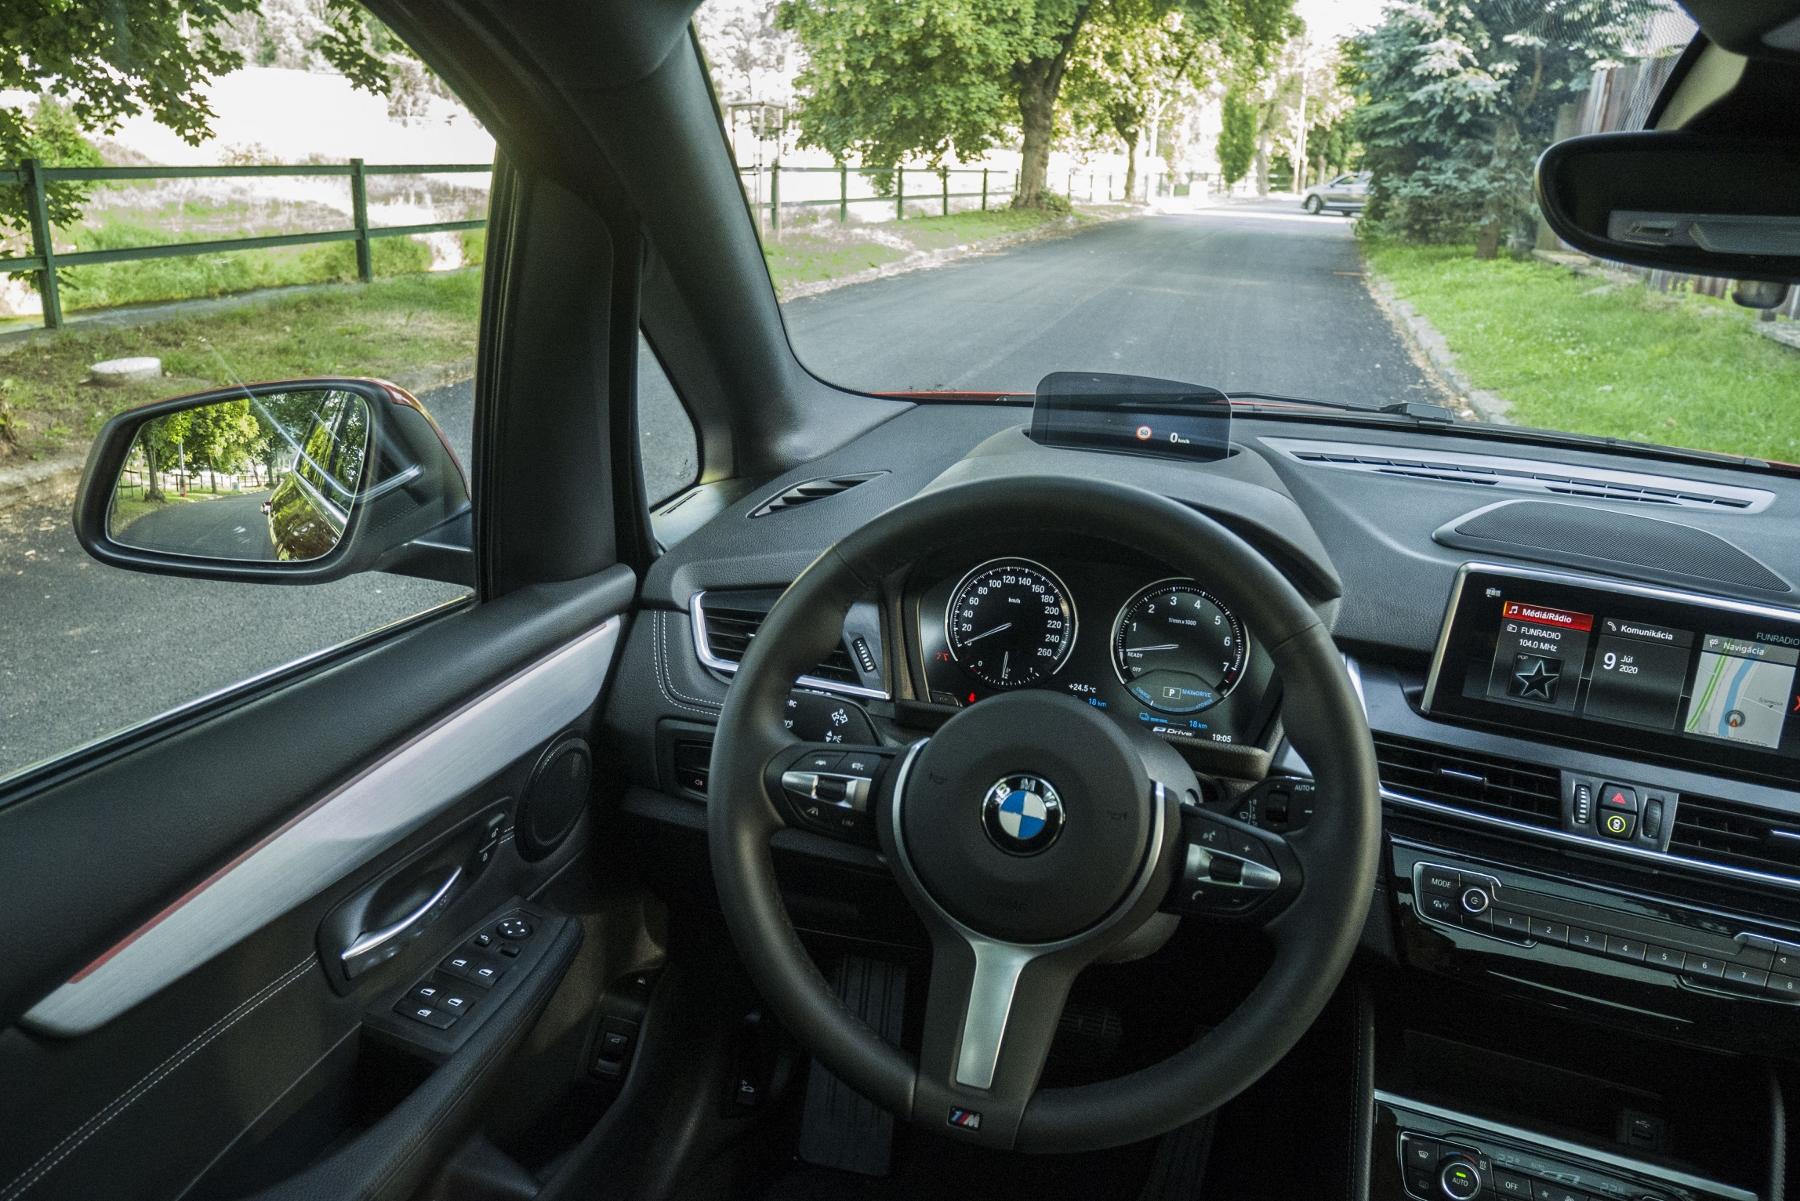 BMW 225 xe (22)